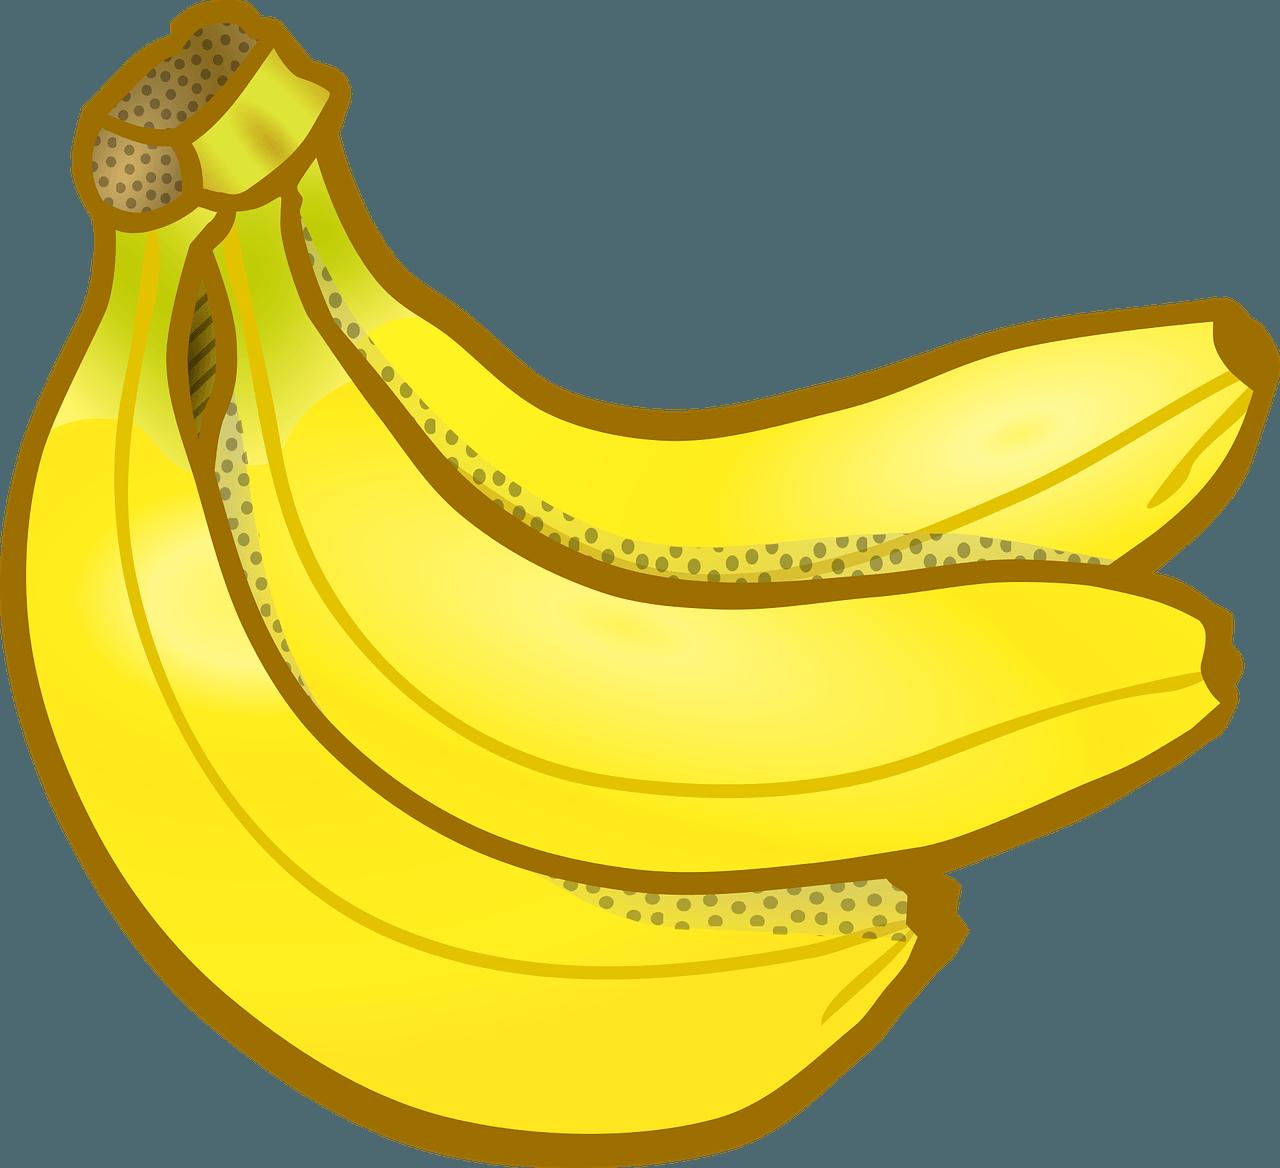 banana-1300669_1280